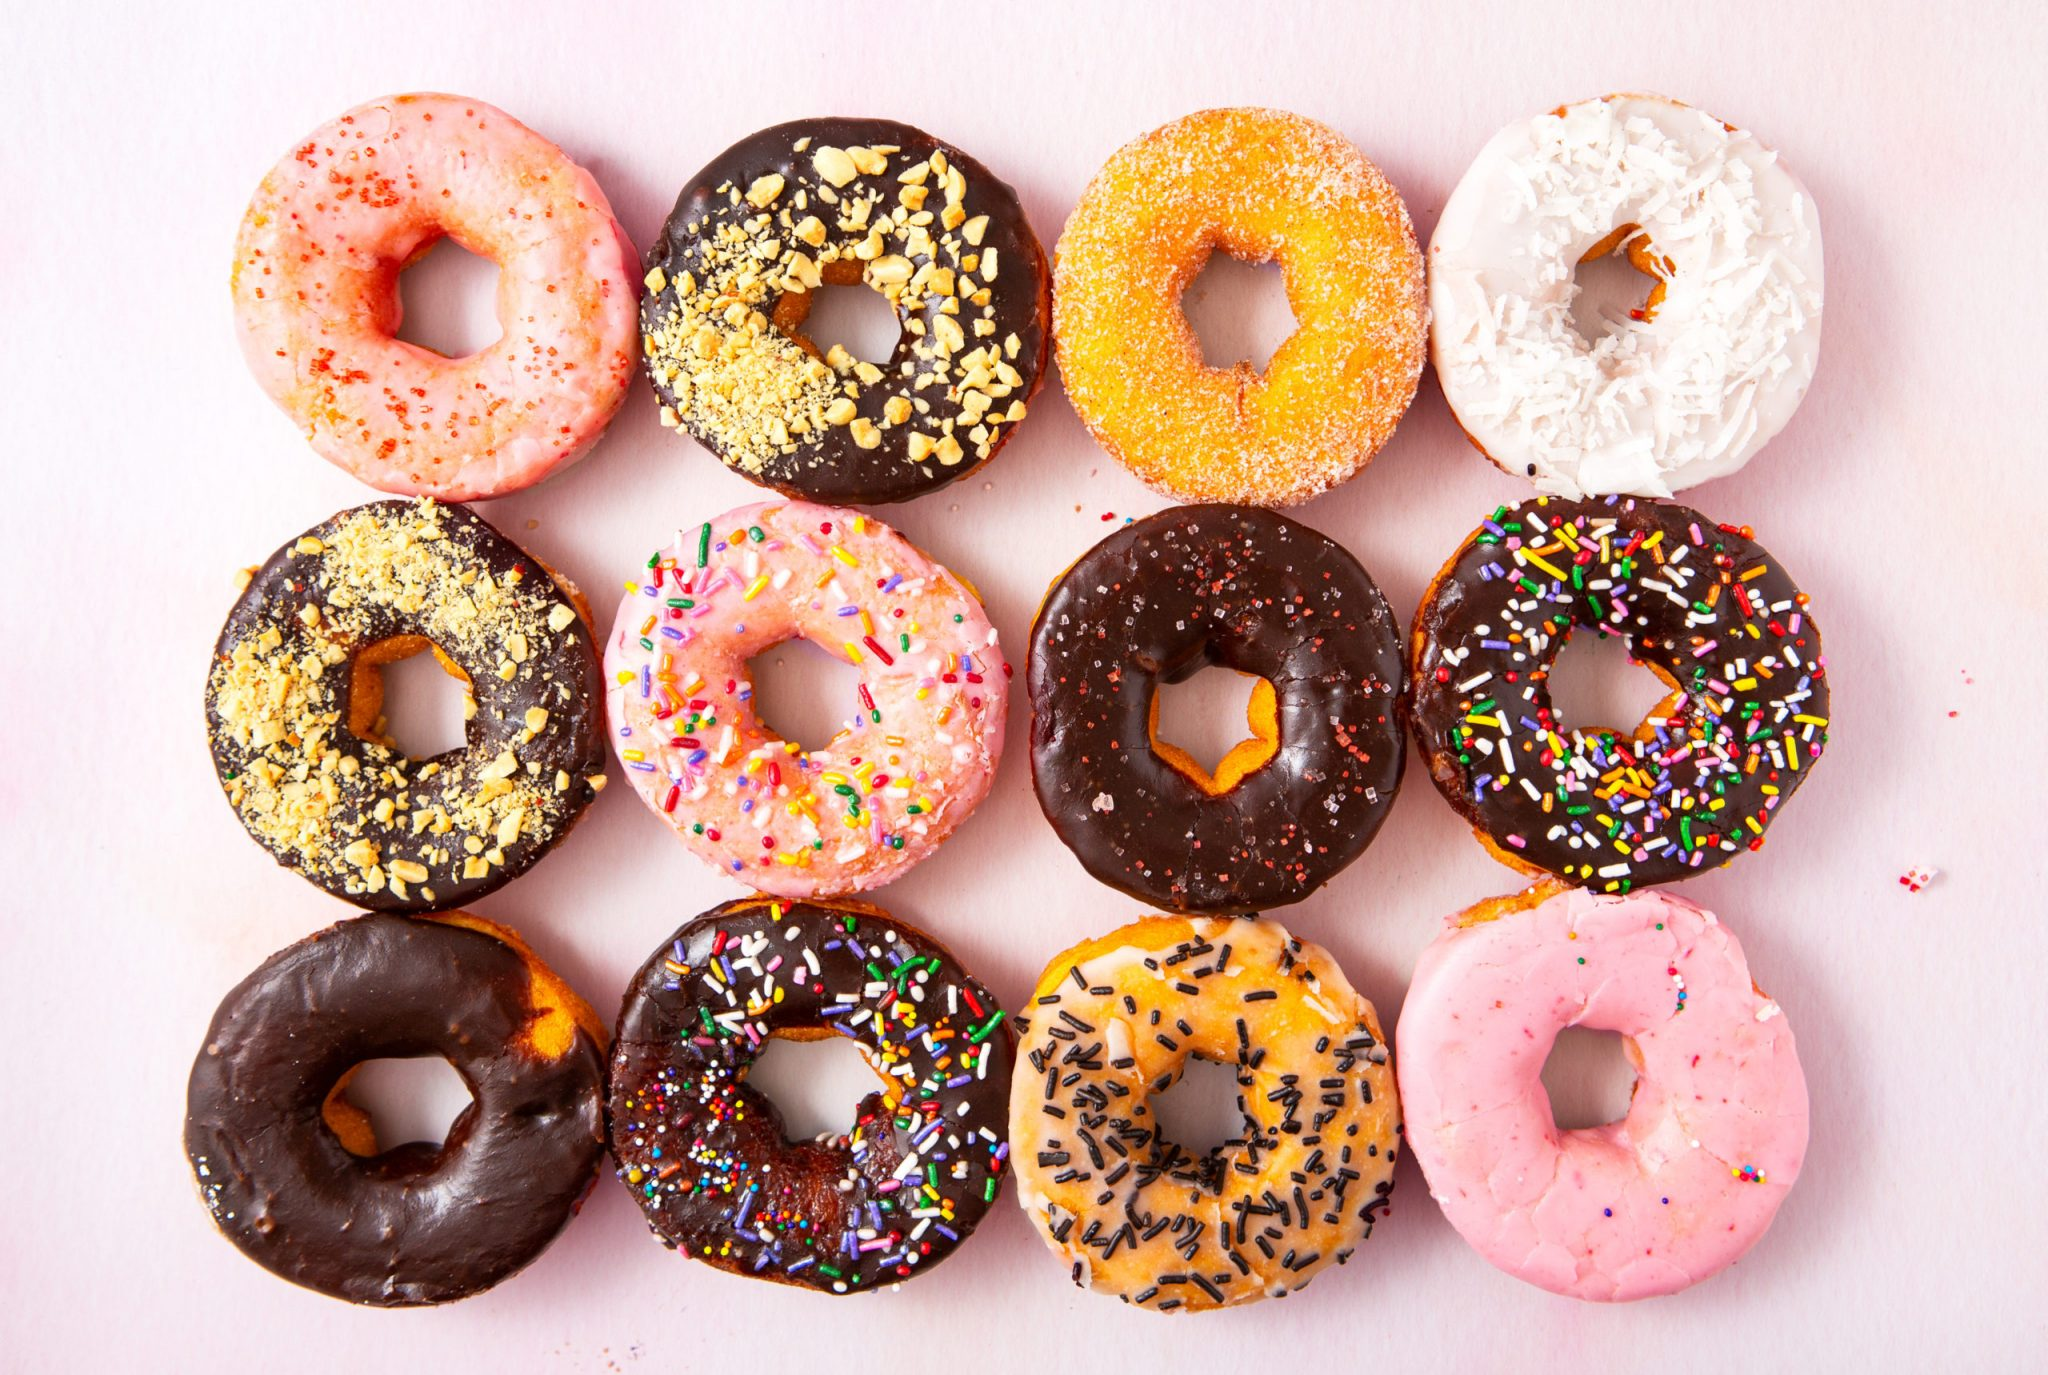 diverse assortment of doughnuts